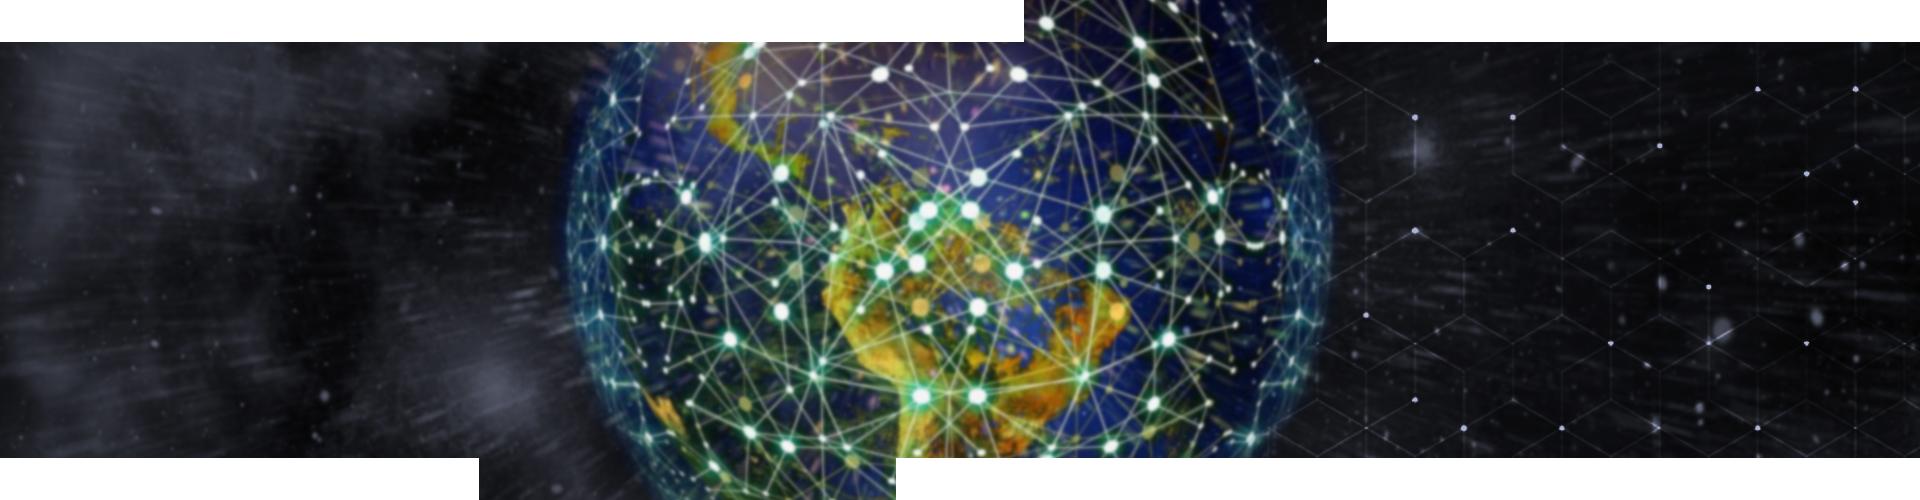 Innovación y Cualificación presenta su oferta de novedades eLearning para 2020